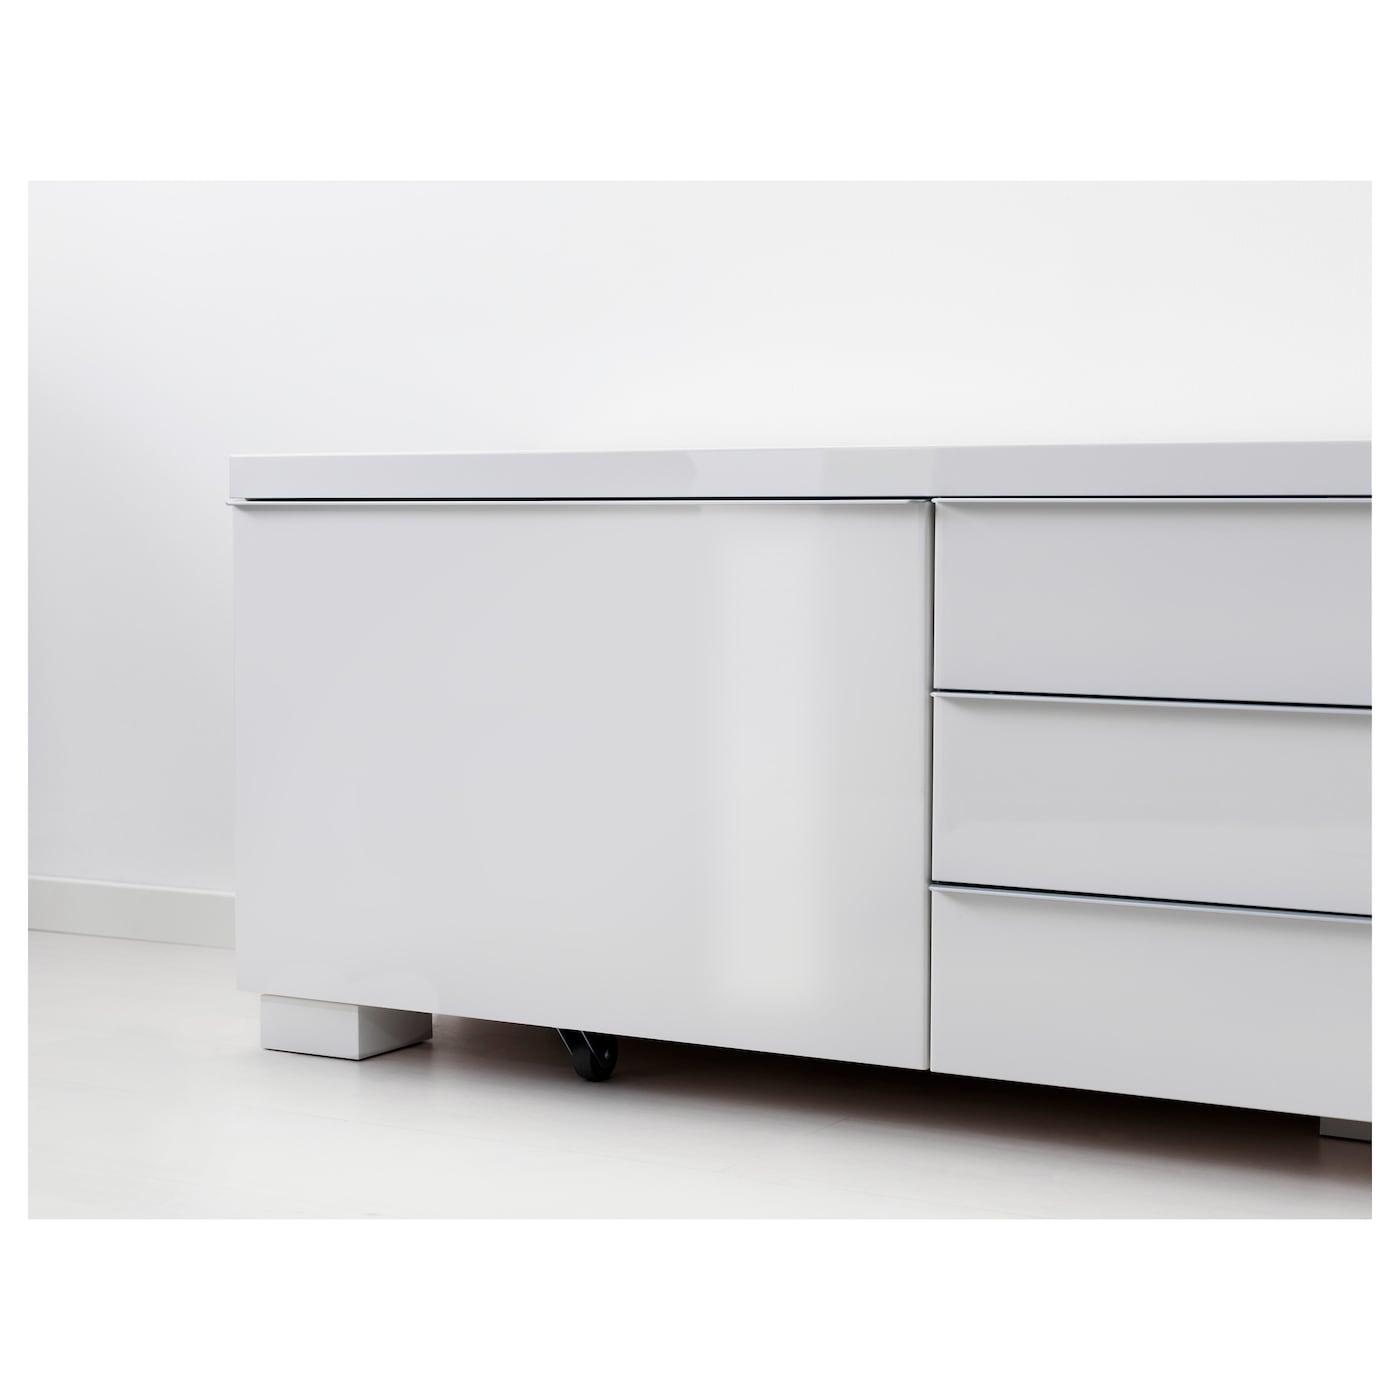 Besta Burs Tv Bench High Gloss White Ikea Switzerland